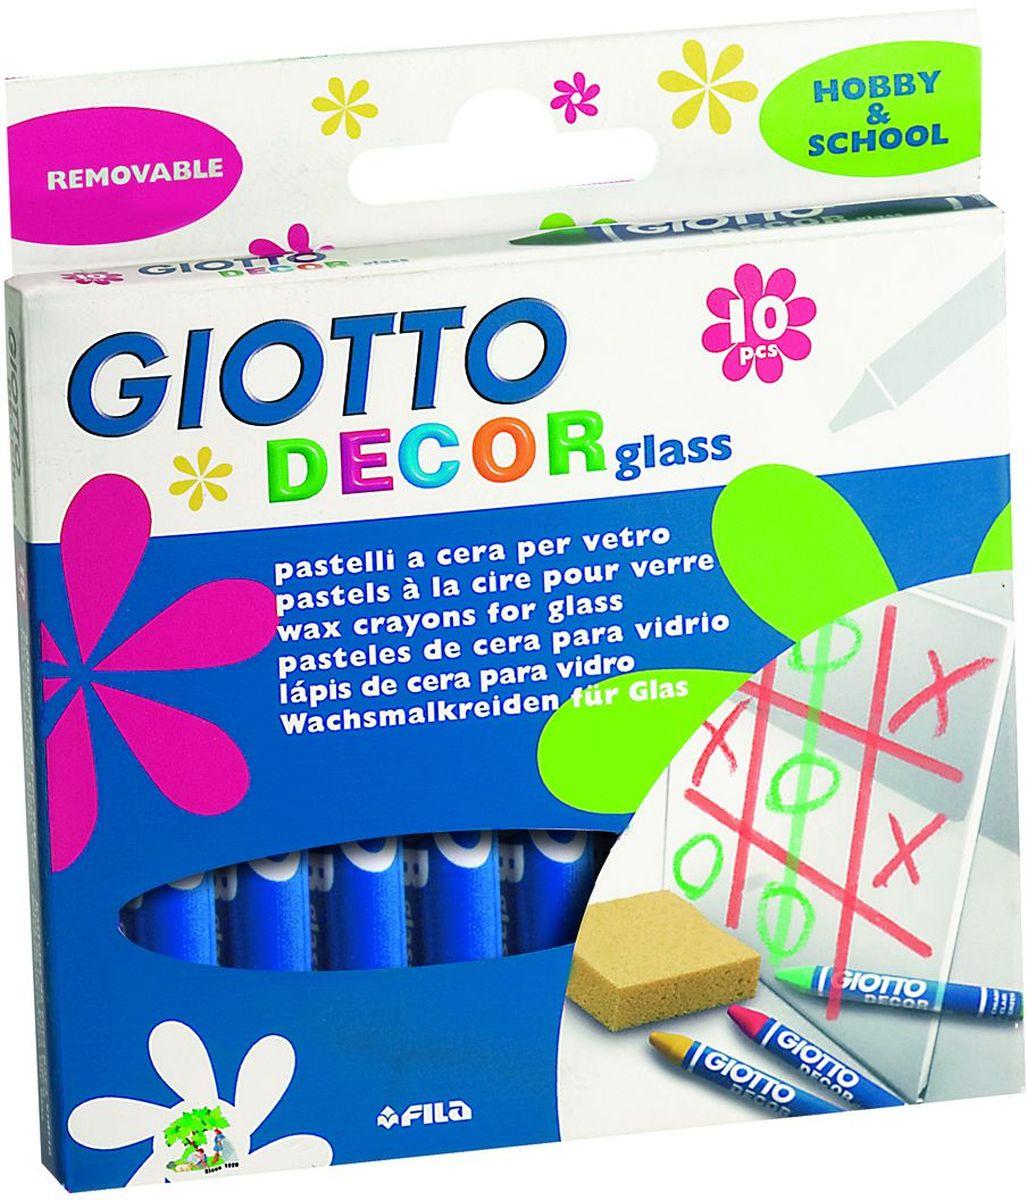 Giotto Набор восковых карандашей Decor Glass 10 шт441000Набор восковых карандашей Giotto Decor Glass создан специально для декорирования стекол и зеркал. Карандаши идеальны для тематического оформления к празднику, а также для хобби и игр. Все цвета легко стираются тряпкой, даже если они были нанесены долгое время назад. Легко отстирываются от одежды и отмываются от рук. В наборе 10 восковых карандашей. Каждый мелок упакован в индивидуальную бумажную рубашку. Длина - 90 мм, диаметр 9,5 мм.